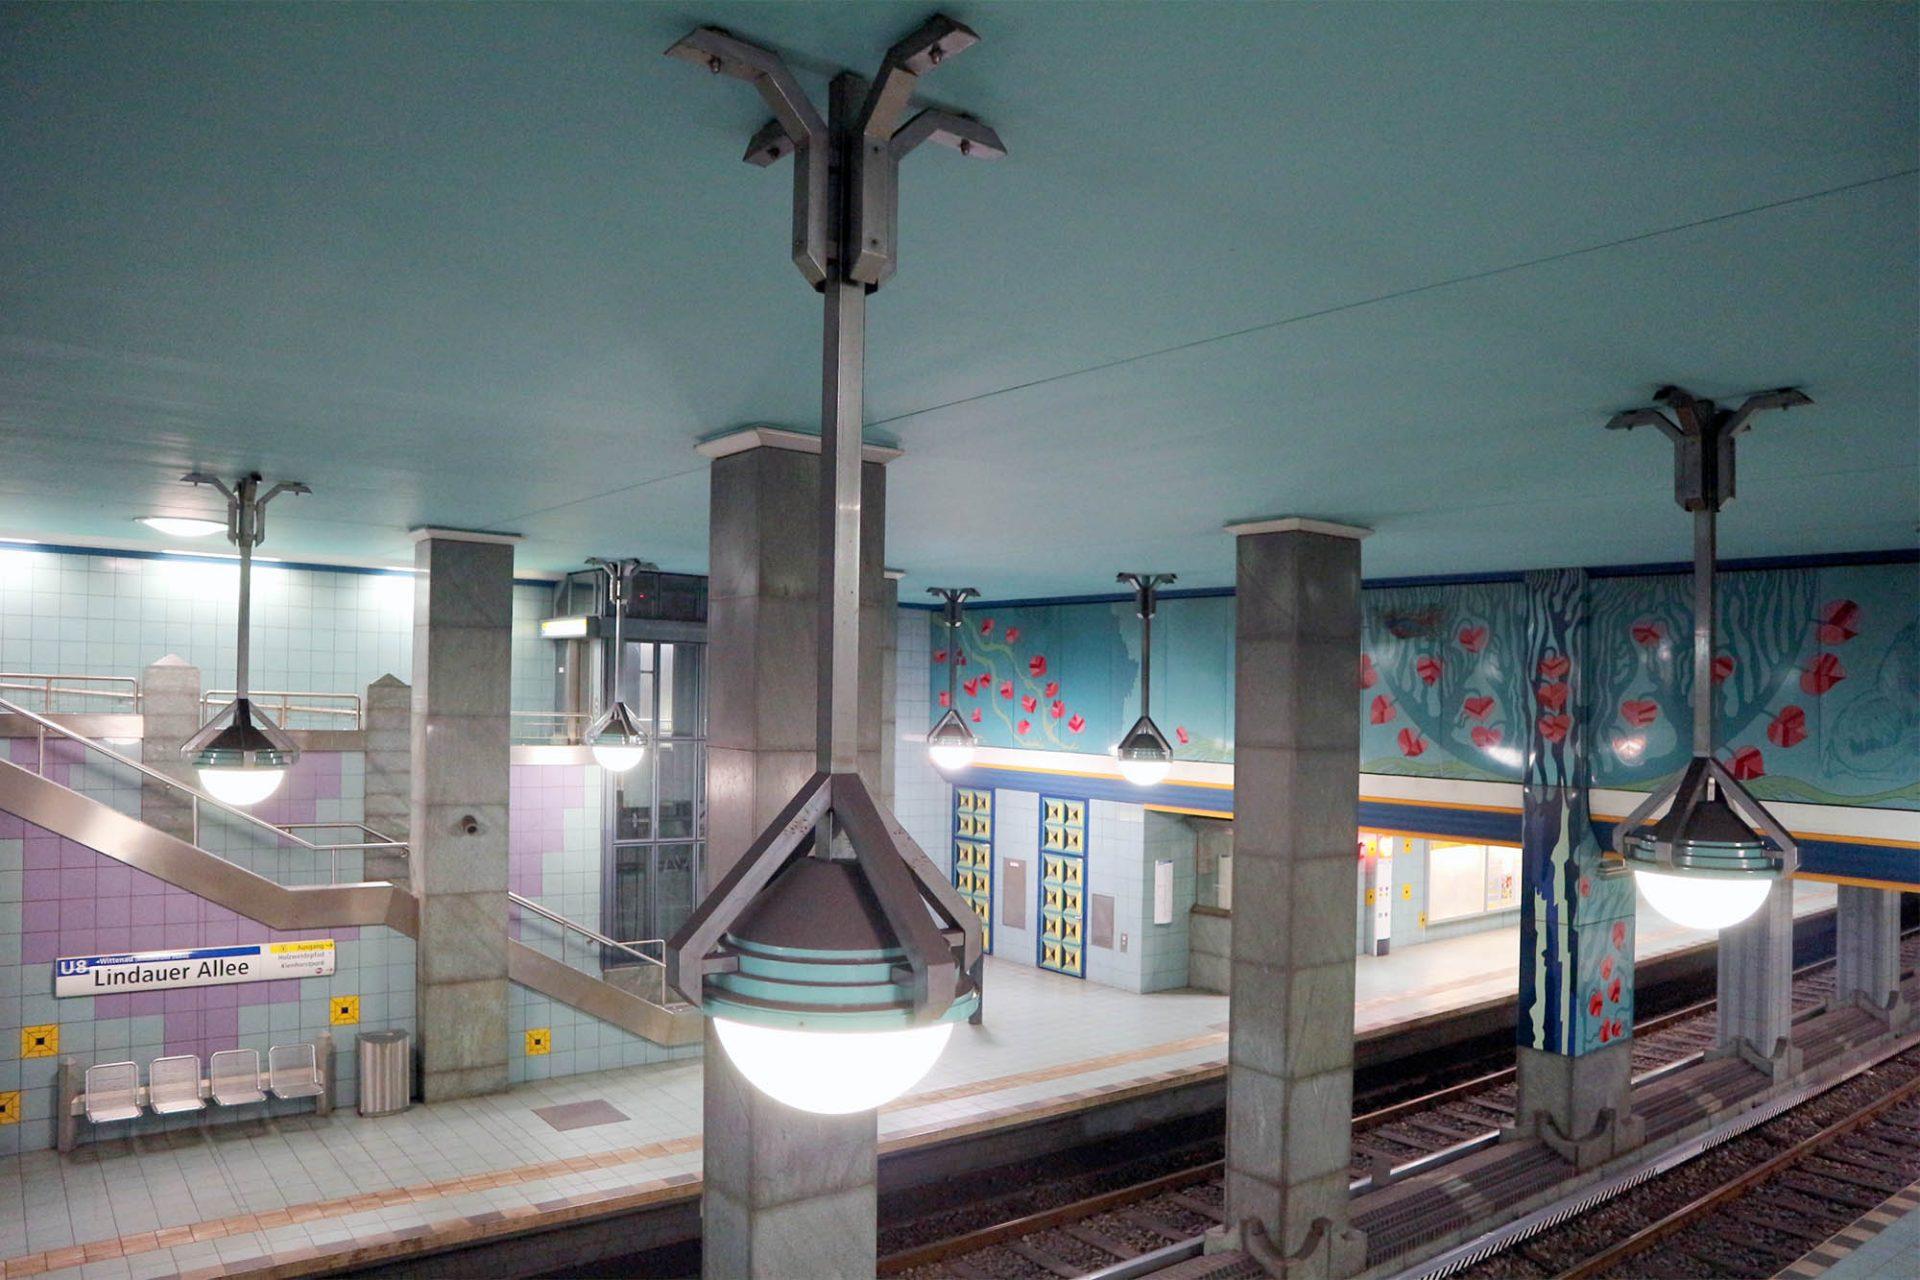 Lindauer Allee. Der türkis gehaltene Bahnhof ist der Einzige mit einer umlaufenden Galerie. Noch eine Besonderheit sind die Schrägseilaufzüge, die einen barrierefreien Zugang ermöglichen.